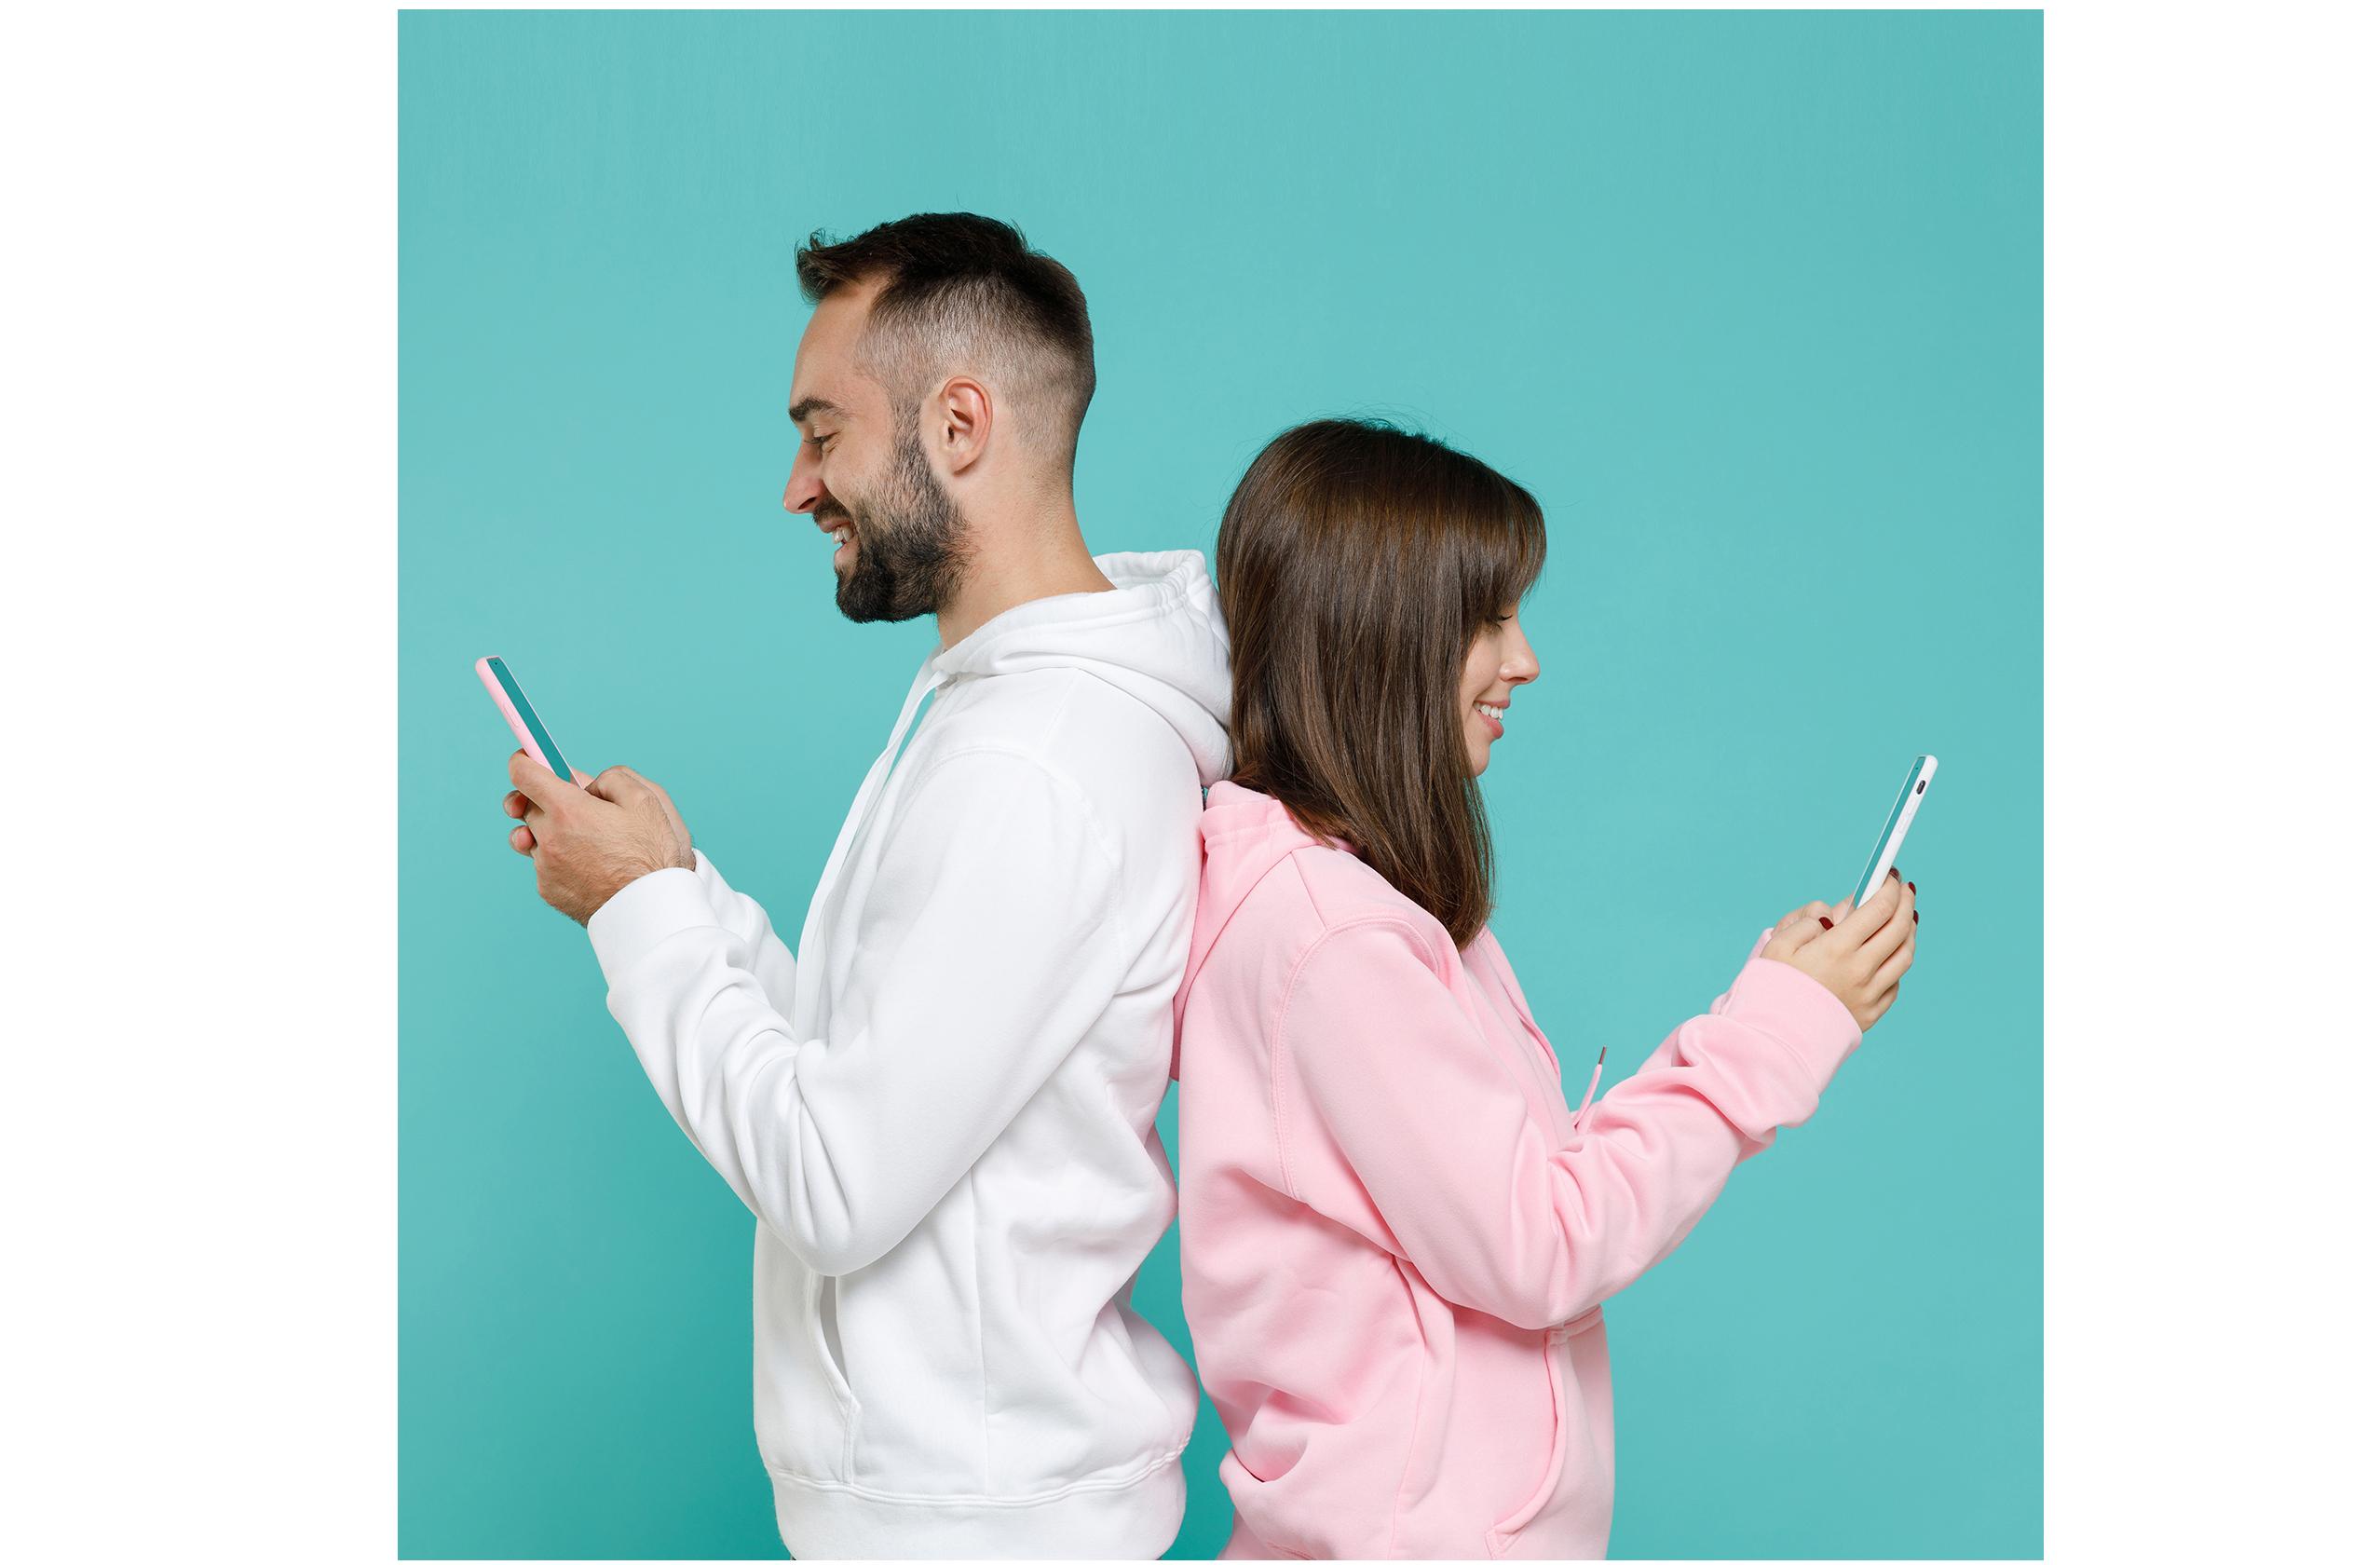 Безопасность и приватность приложений для онлайн-знакомств в 2021 году | Блог Касперского